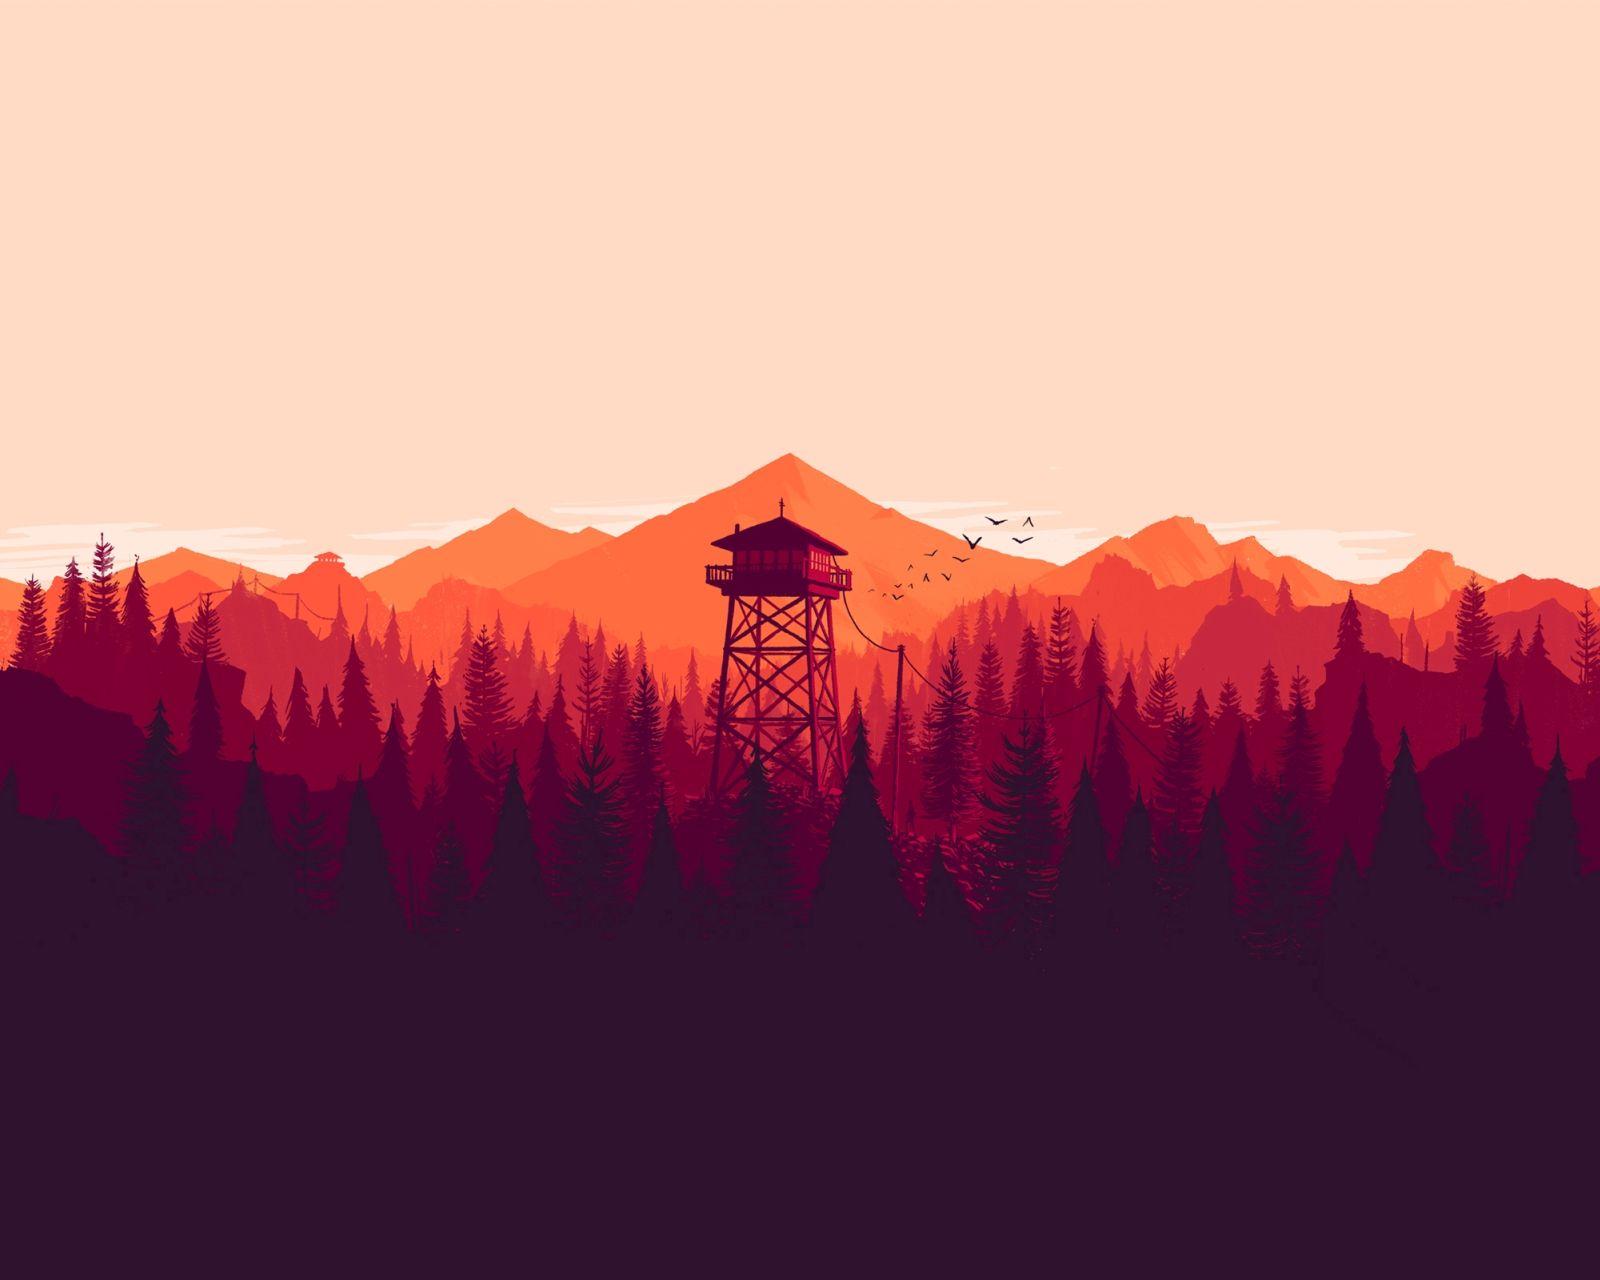 artwork by olly moss for httpwww firewatchgame com he a· wall wallpaperdesktop